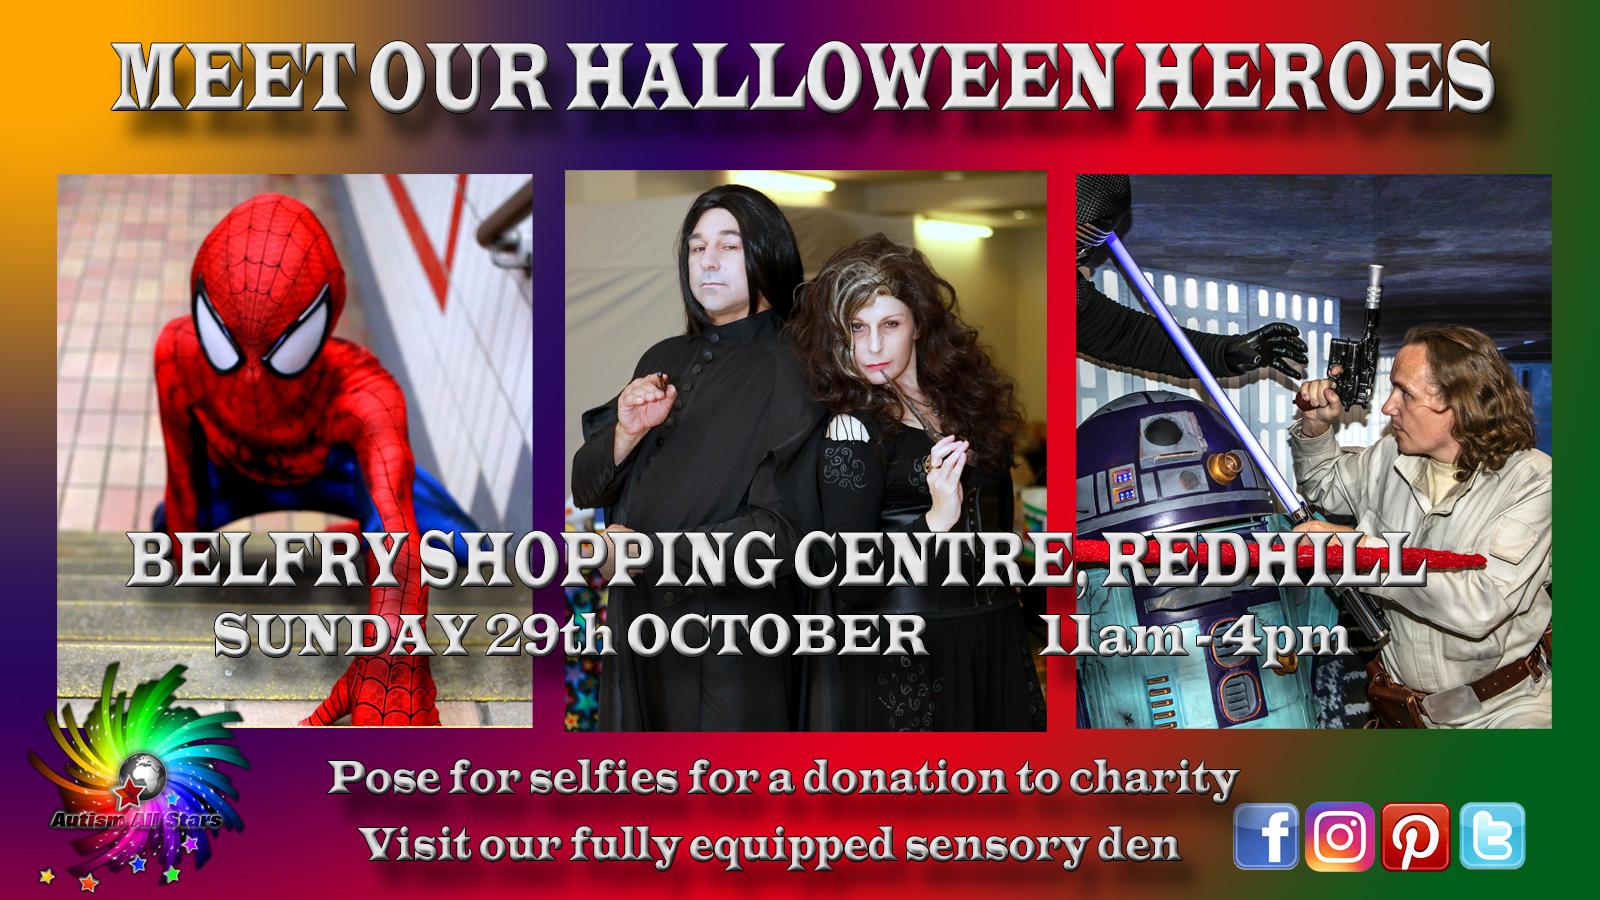 Halloween Heroes Poster